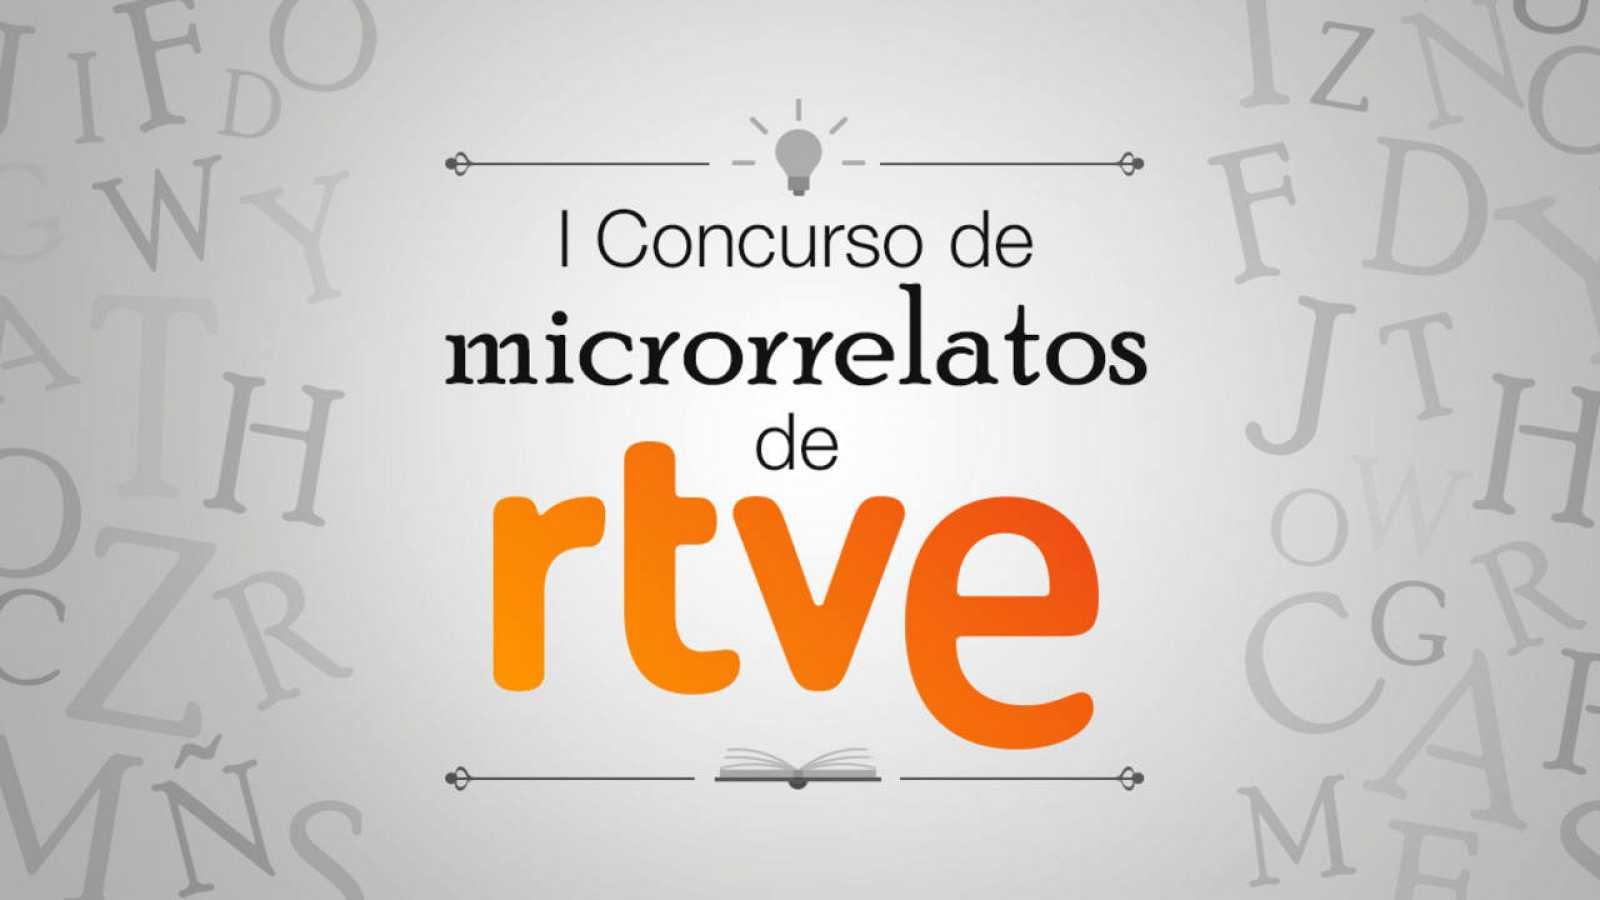 I Concurso de microrrelatos de RTVE.es